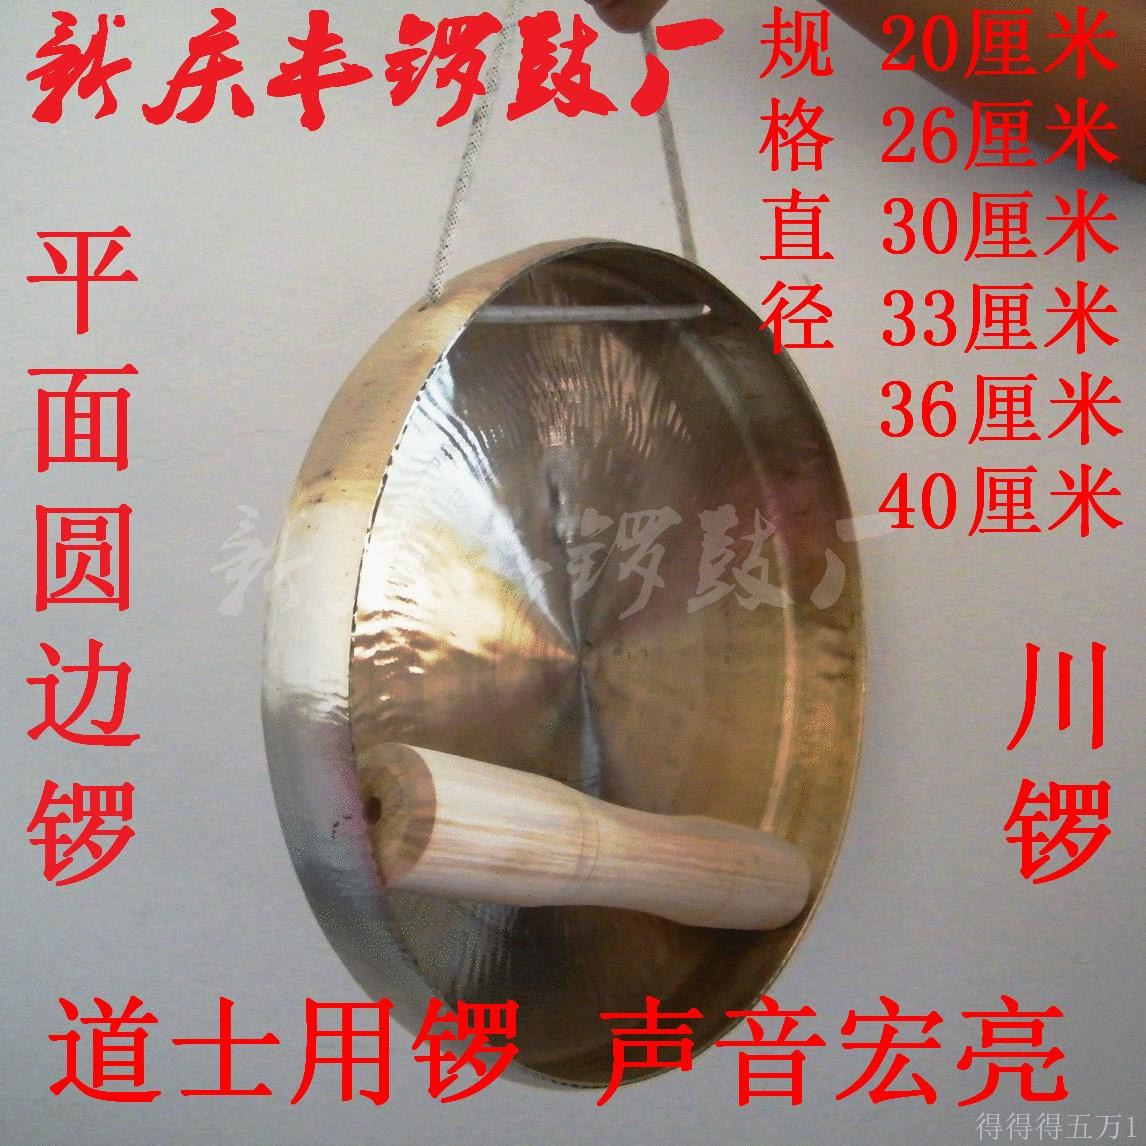 Плоский круглый медный гонг 30 33 36 40 см полностью Светлый священник Даосский талисман большой медный гонг самолет Сычуаньские гонг и барабаны